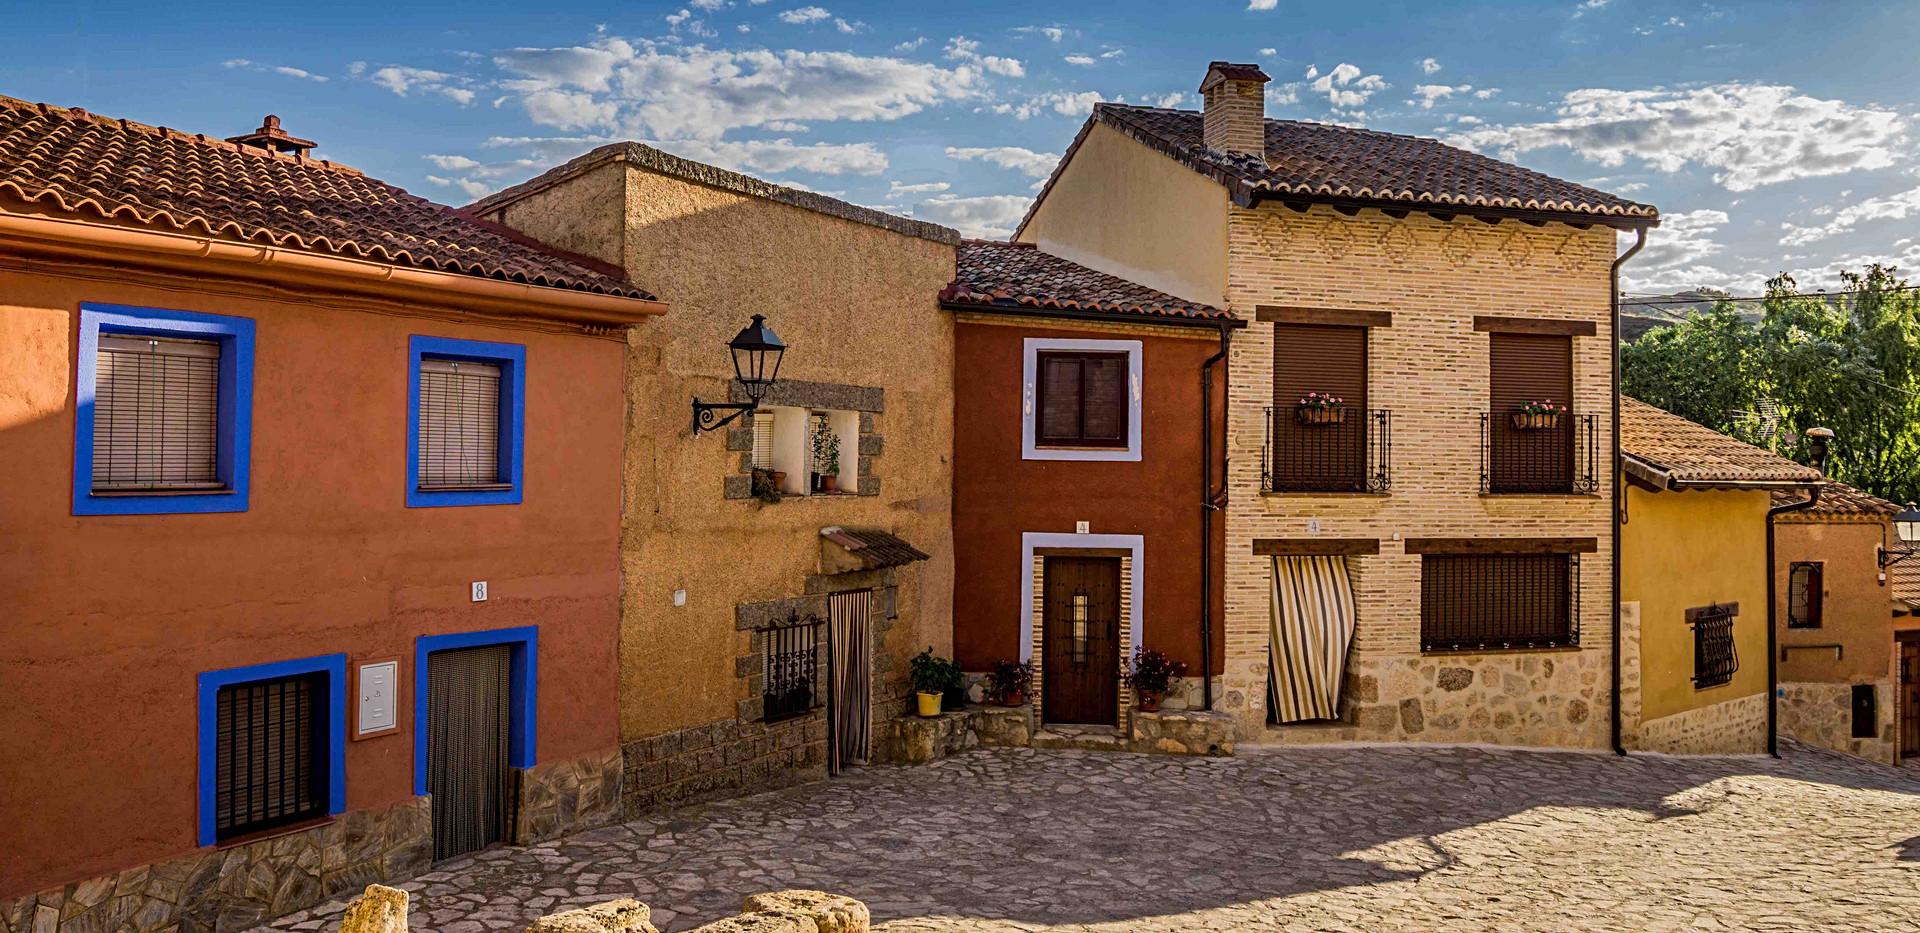 Pueblo / Village